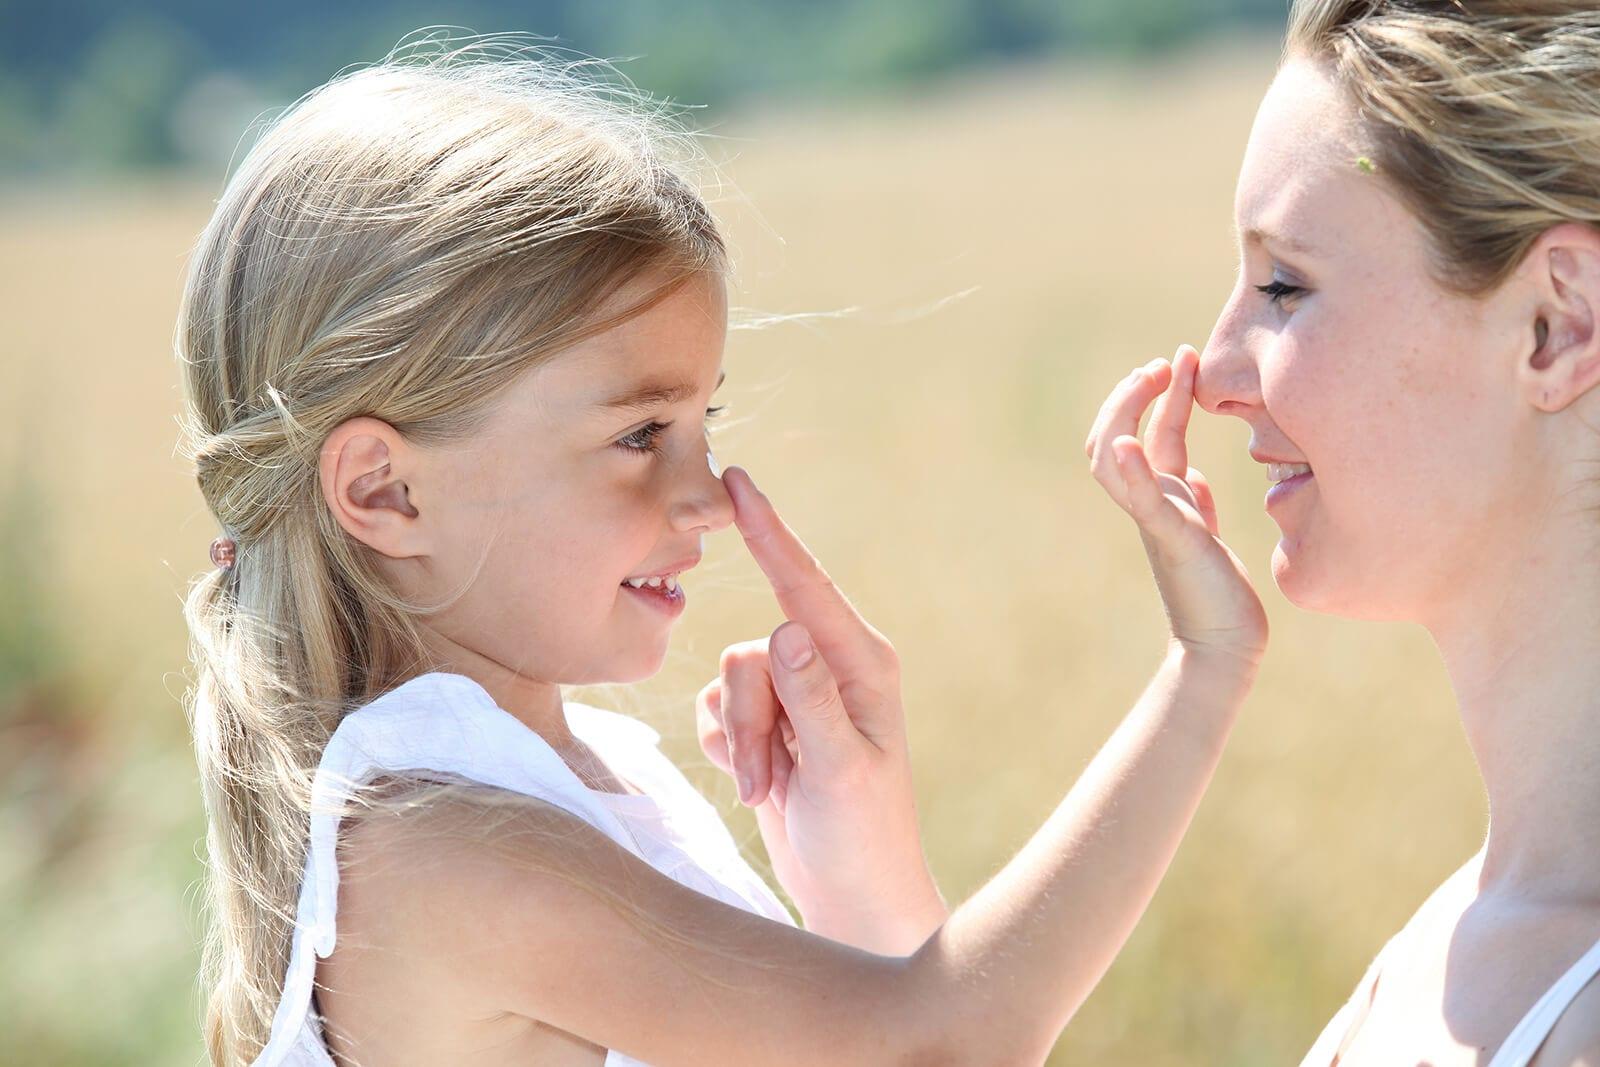 Bescherm kinderen tegen de zon